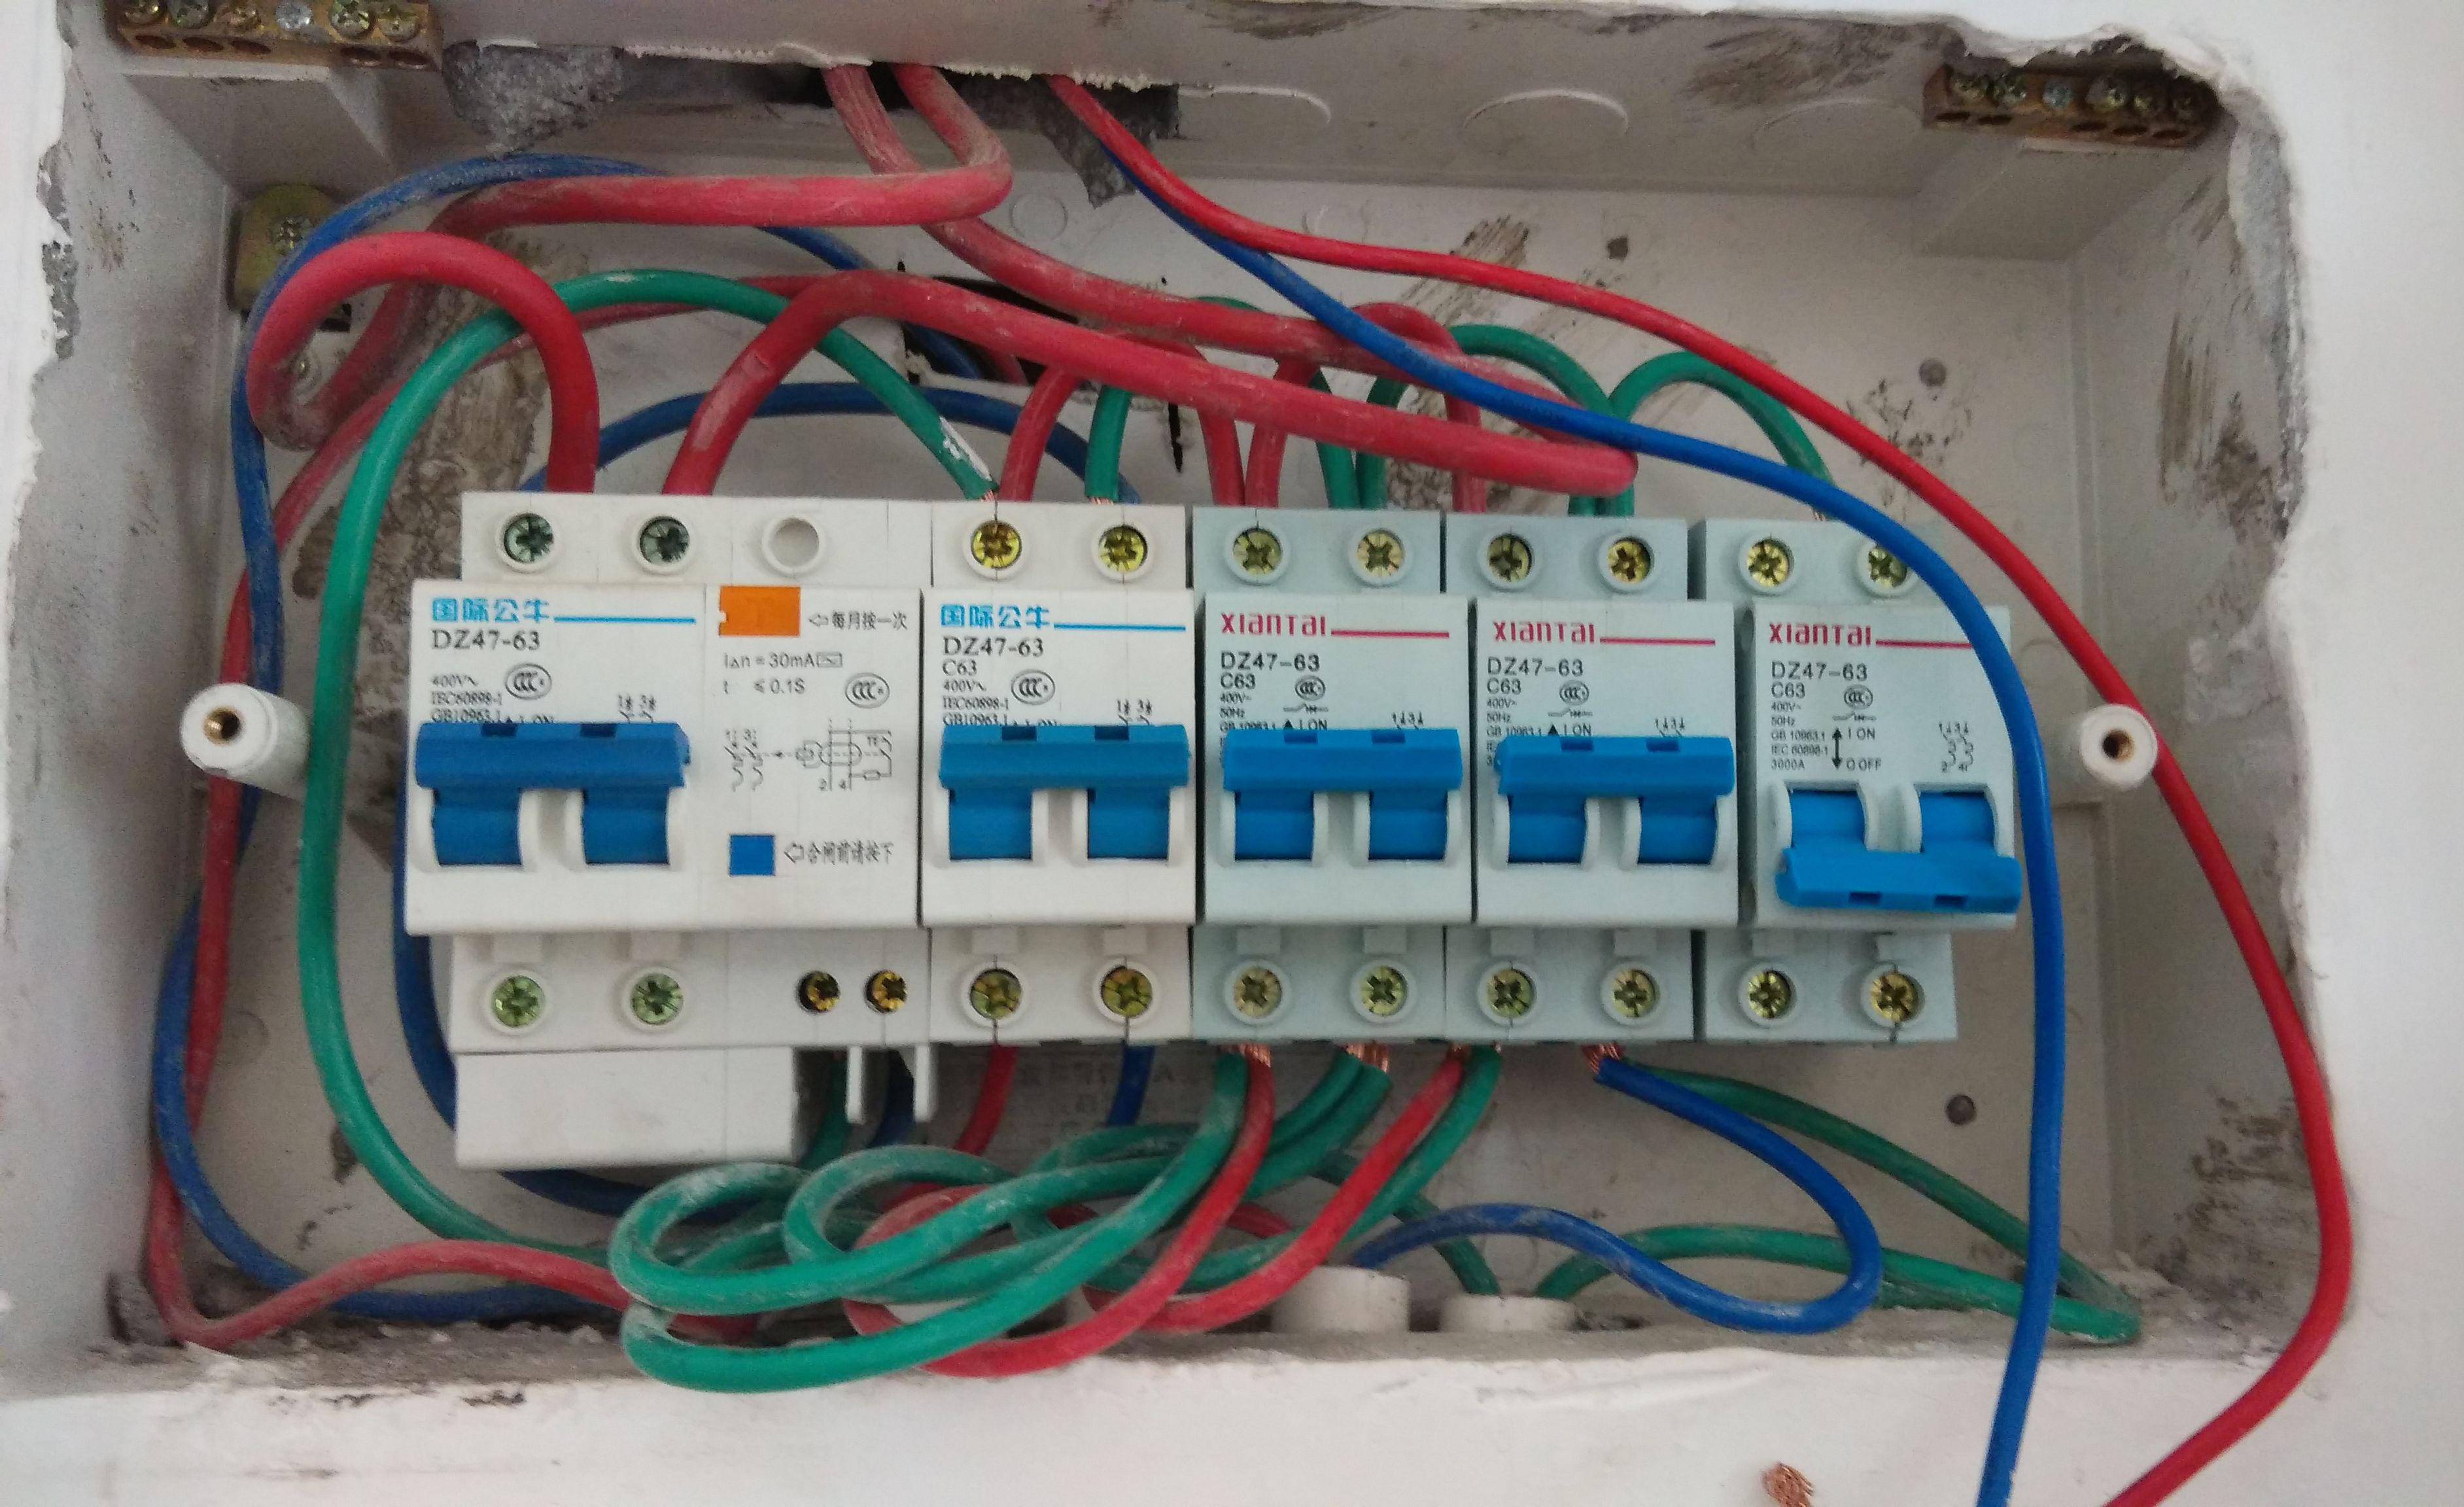 家庭电路用多大的电线?电线越粗越好吗?错了,老电工是这样做的